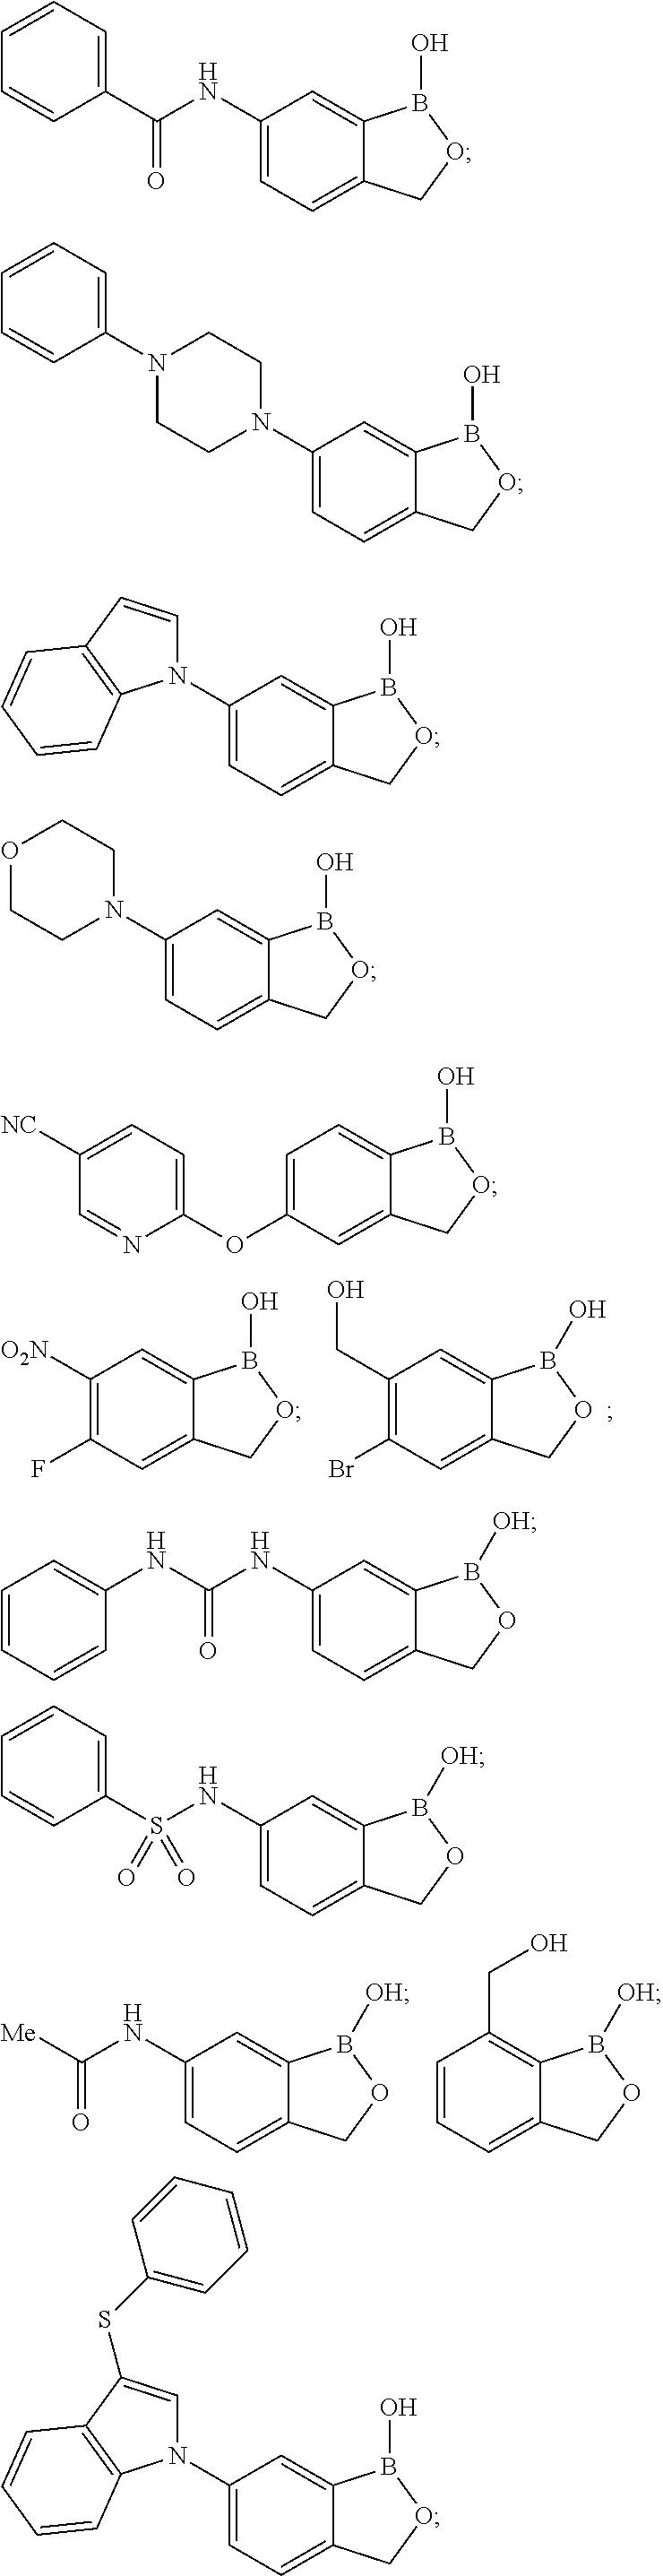 Figure US09566289-20170214-C00027